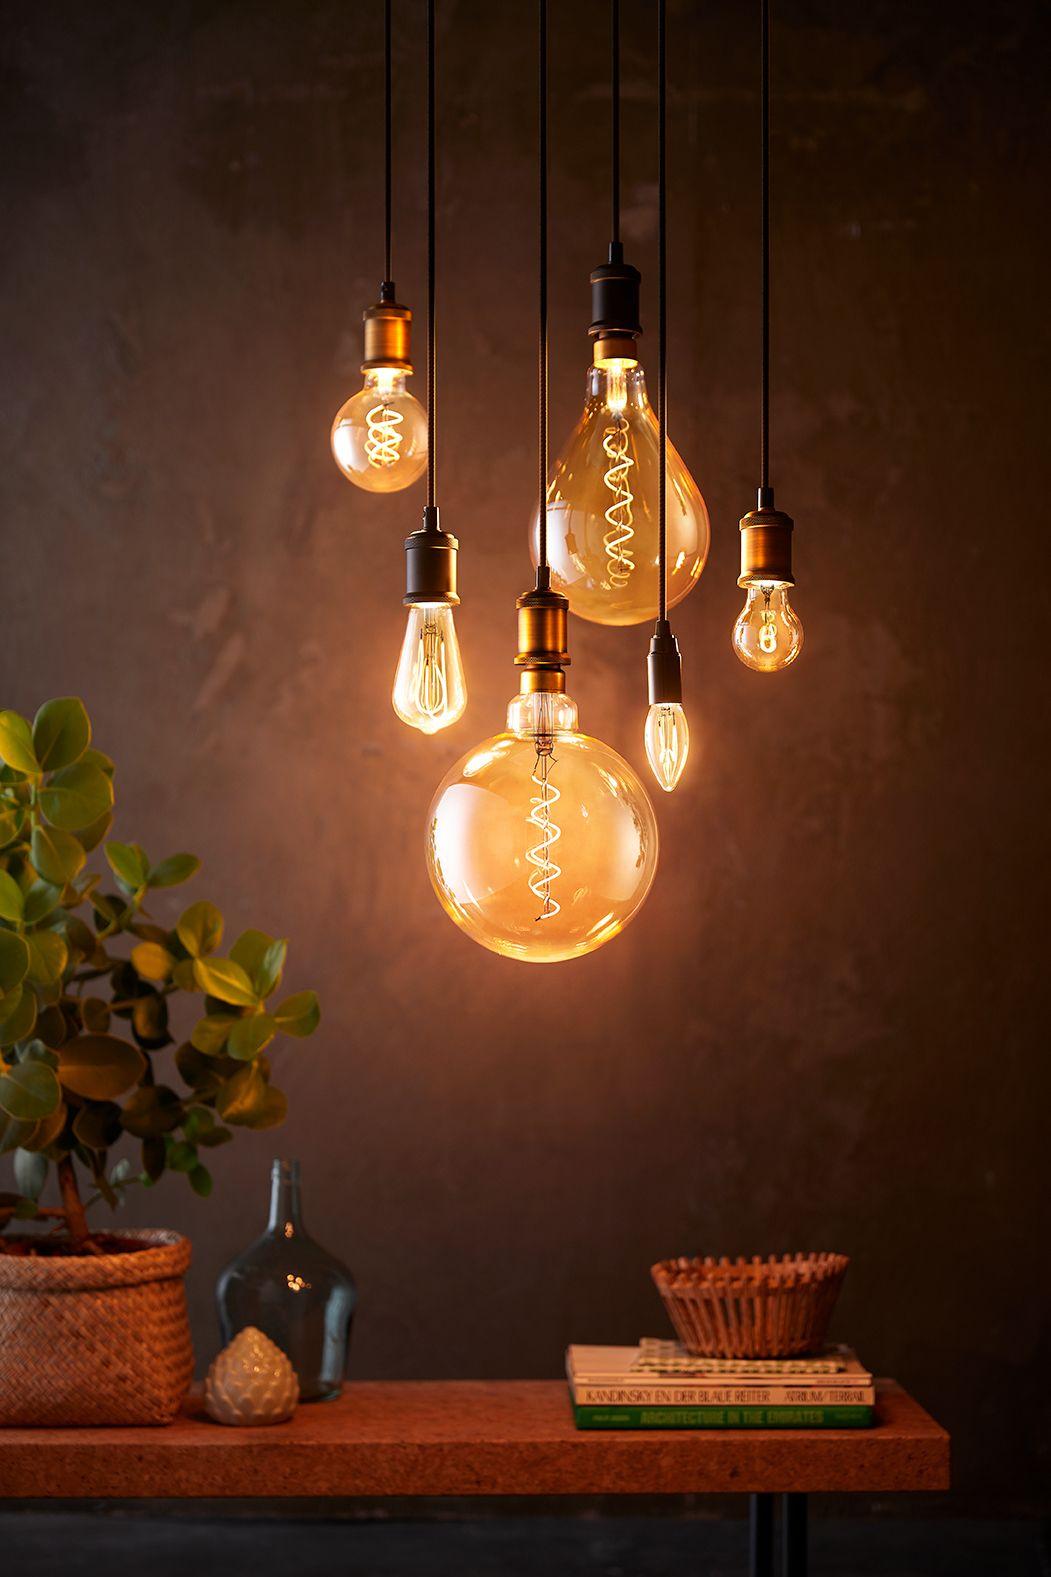 Giant Vintage le lampadine vintage fatte per essere